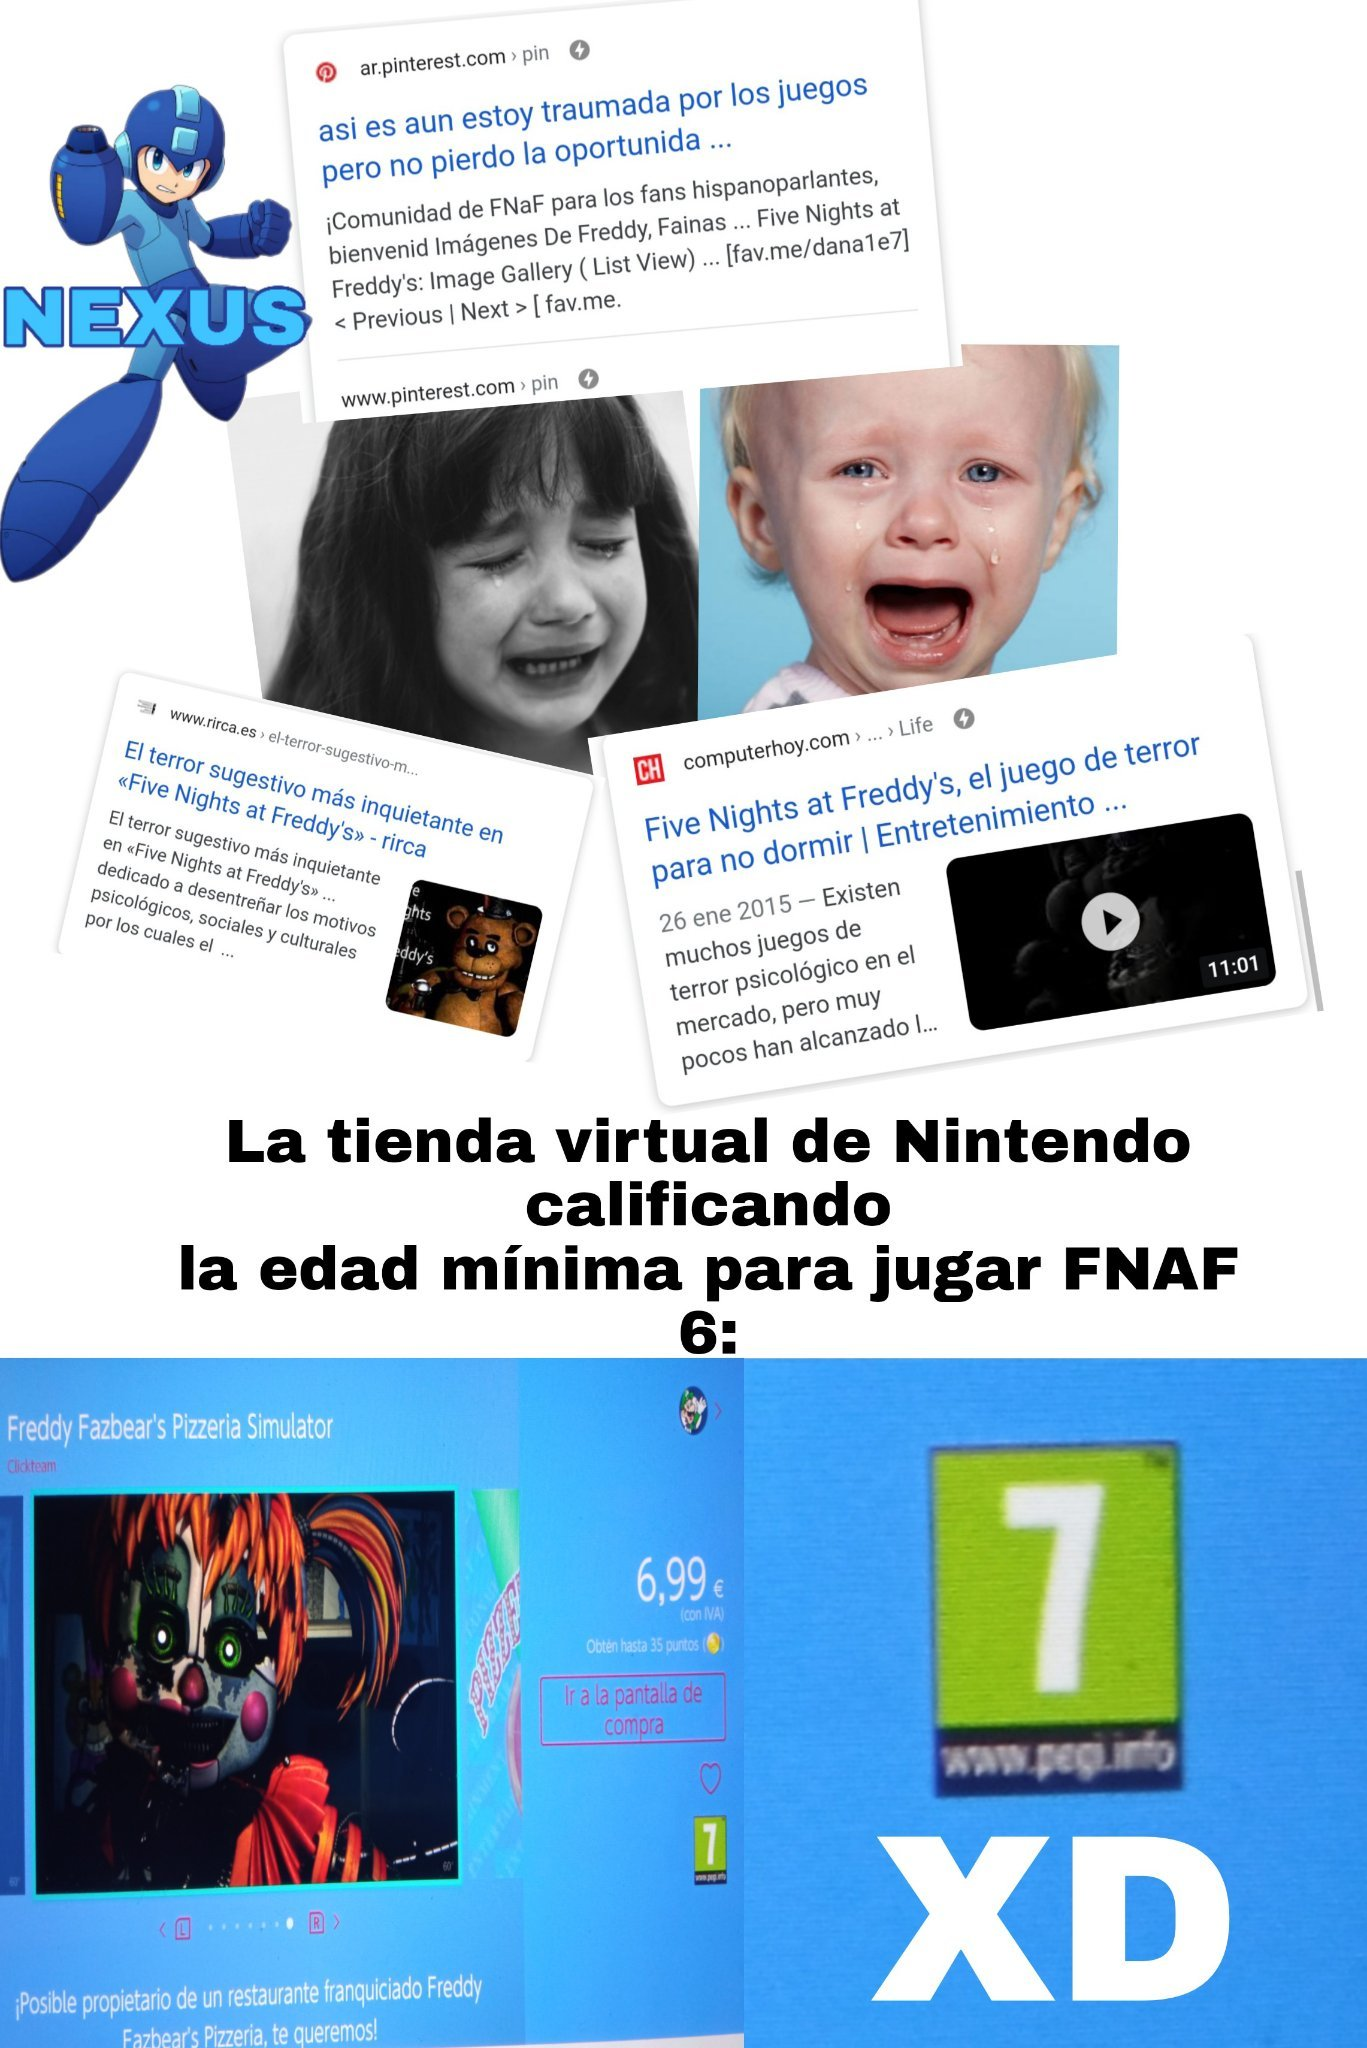 FnaF no da miedo - meme